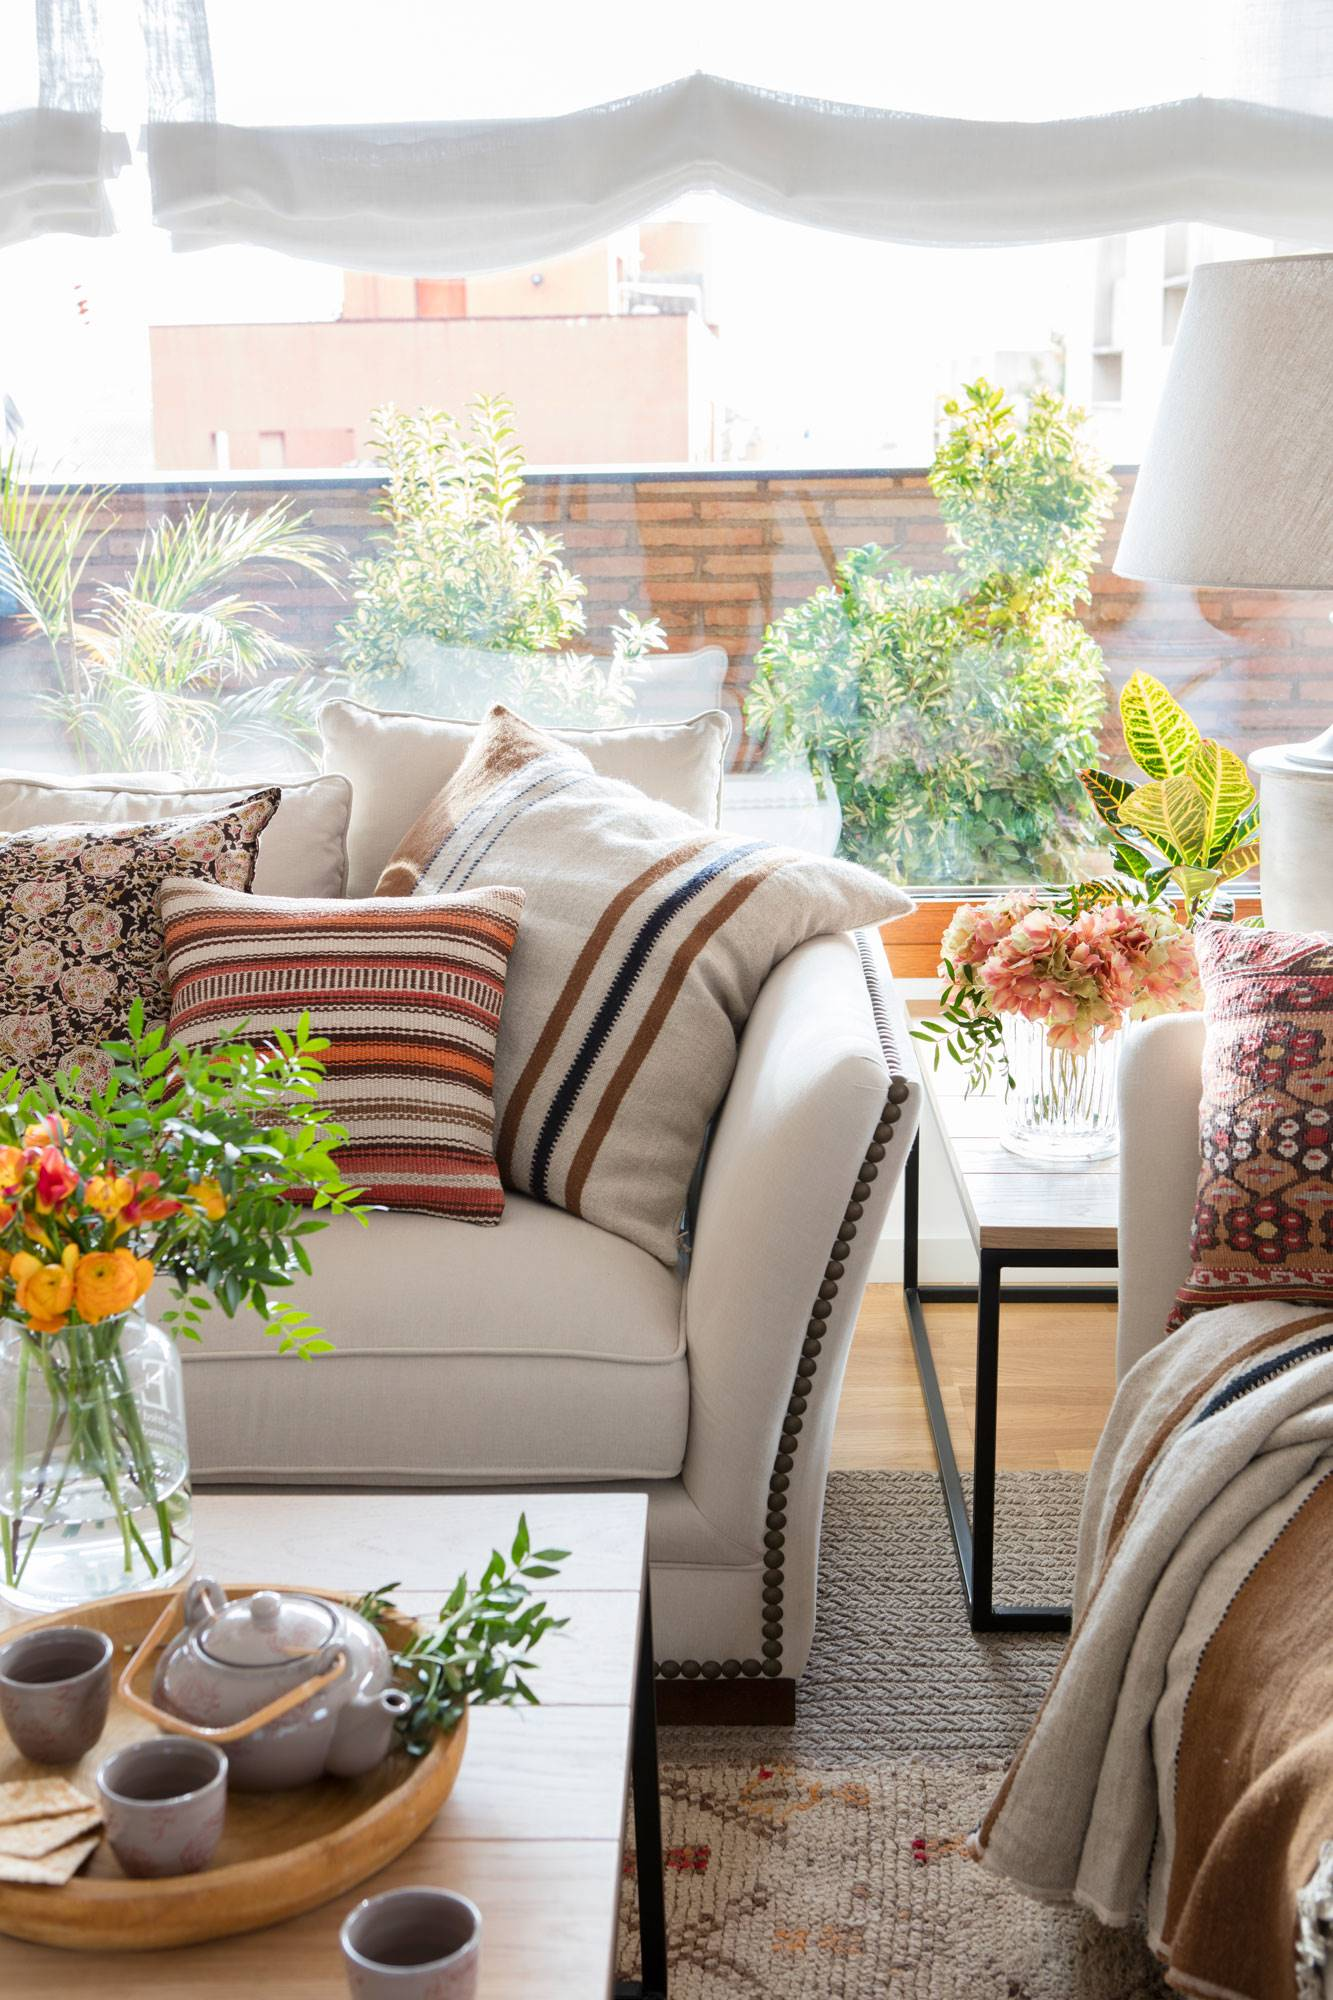 Cu nto cuesta tapizar una silla un sof un cabecero y - Cuanto cuesta tapizar una butaca ...